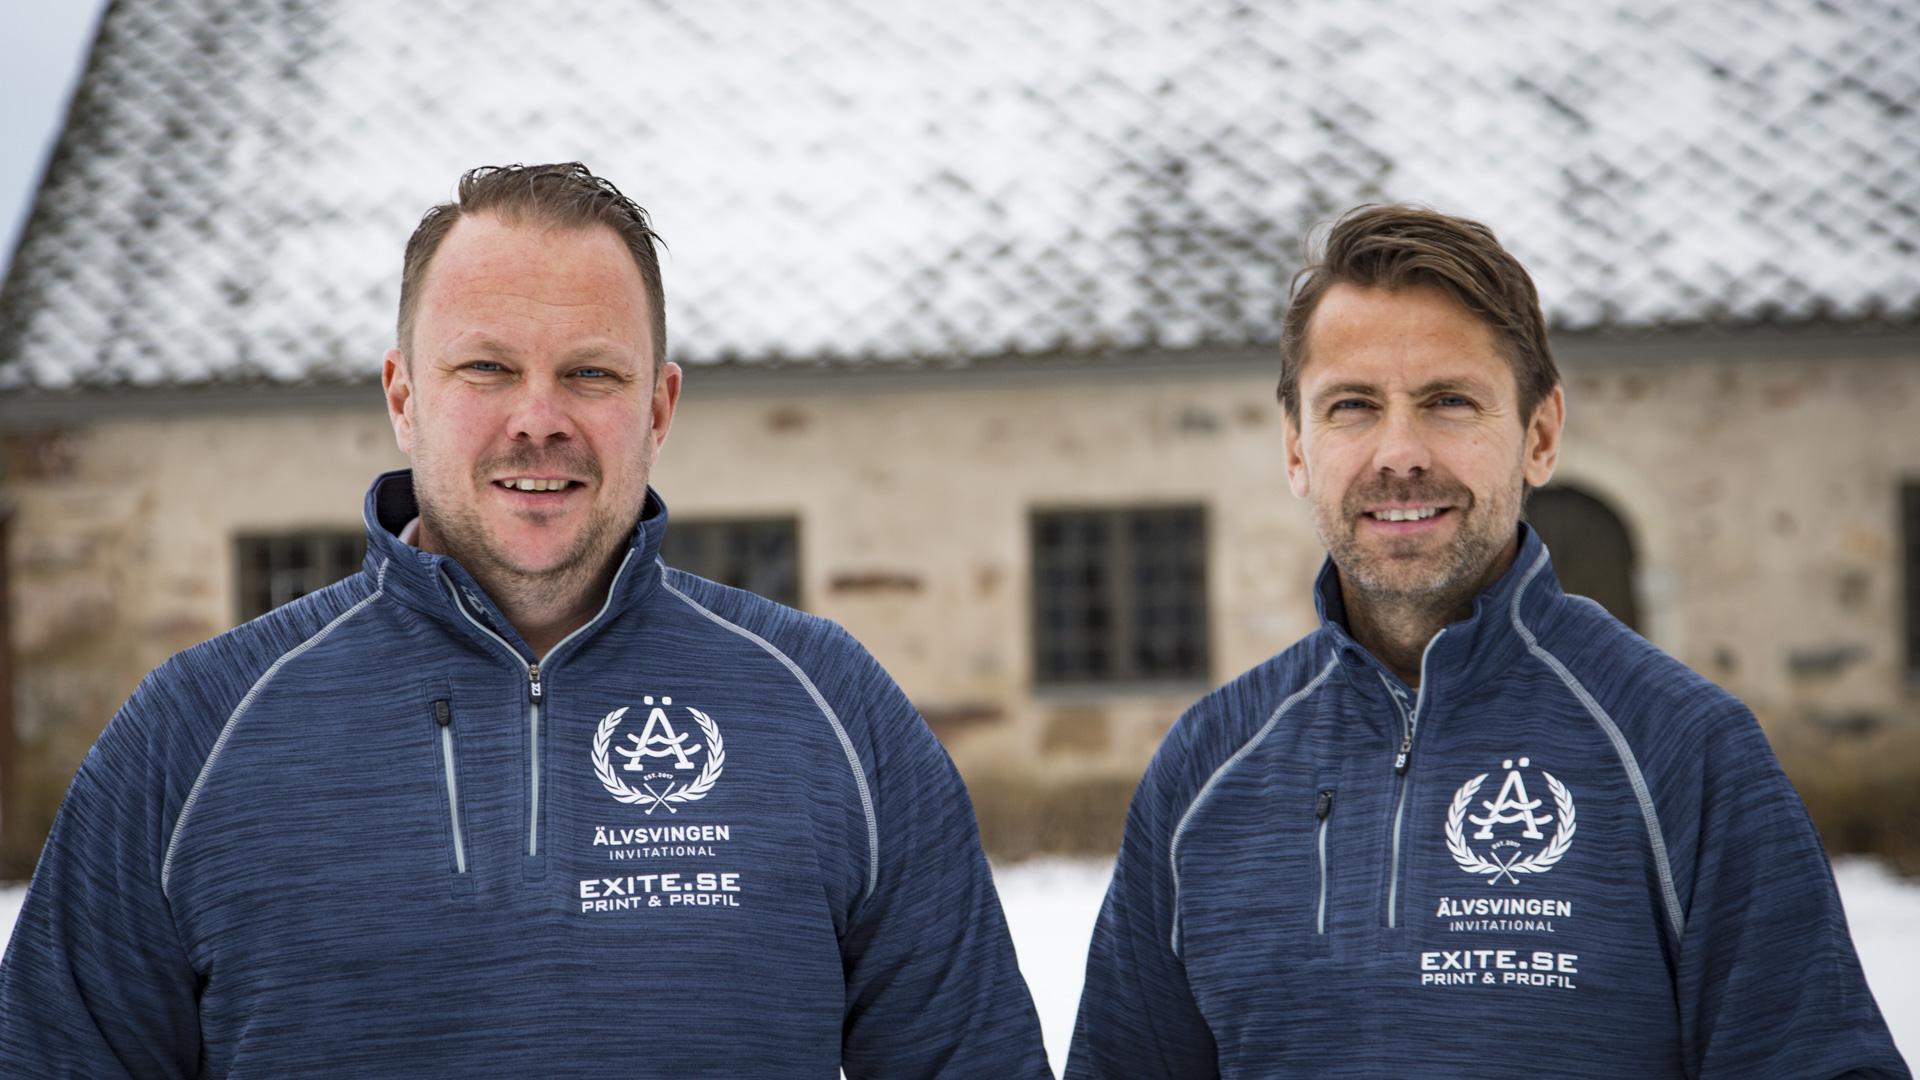 Den 31 augusti 2018 arrangeras Golftävlingen – Älvsvingen Invitational – på Onsjö Golfklubb